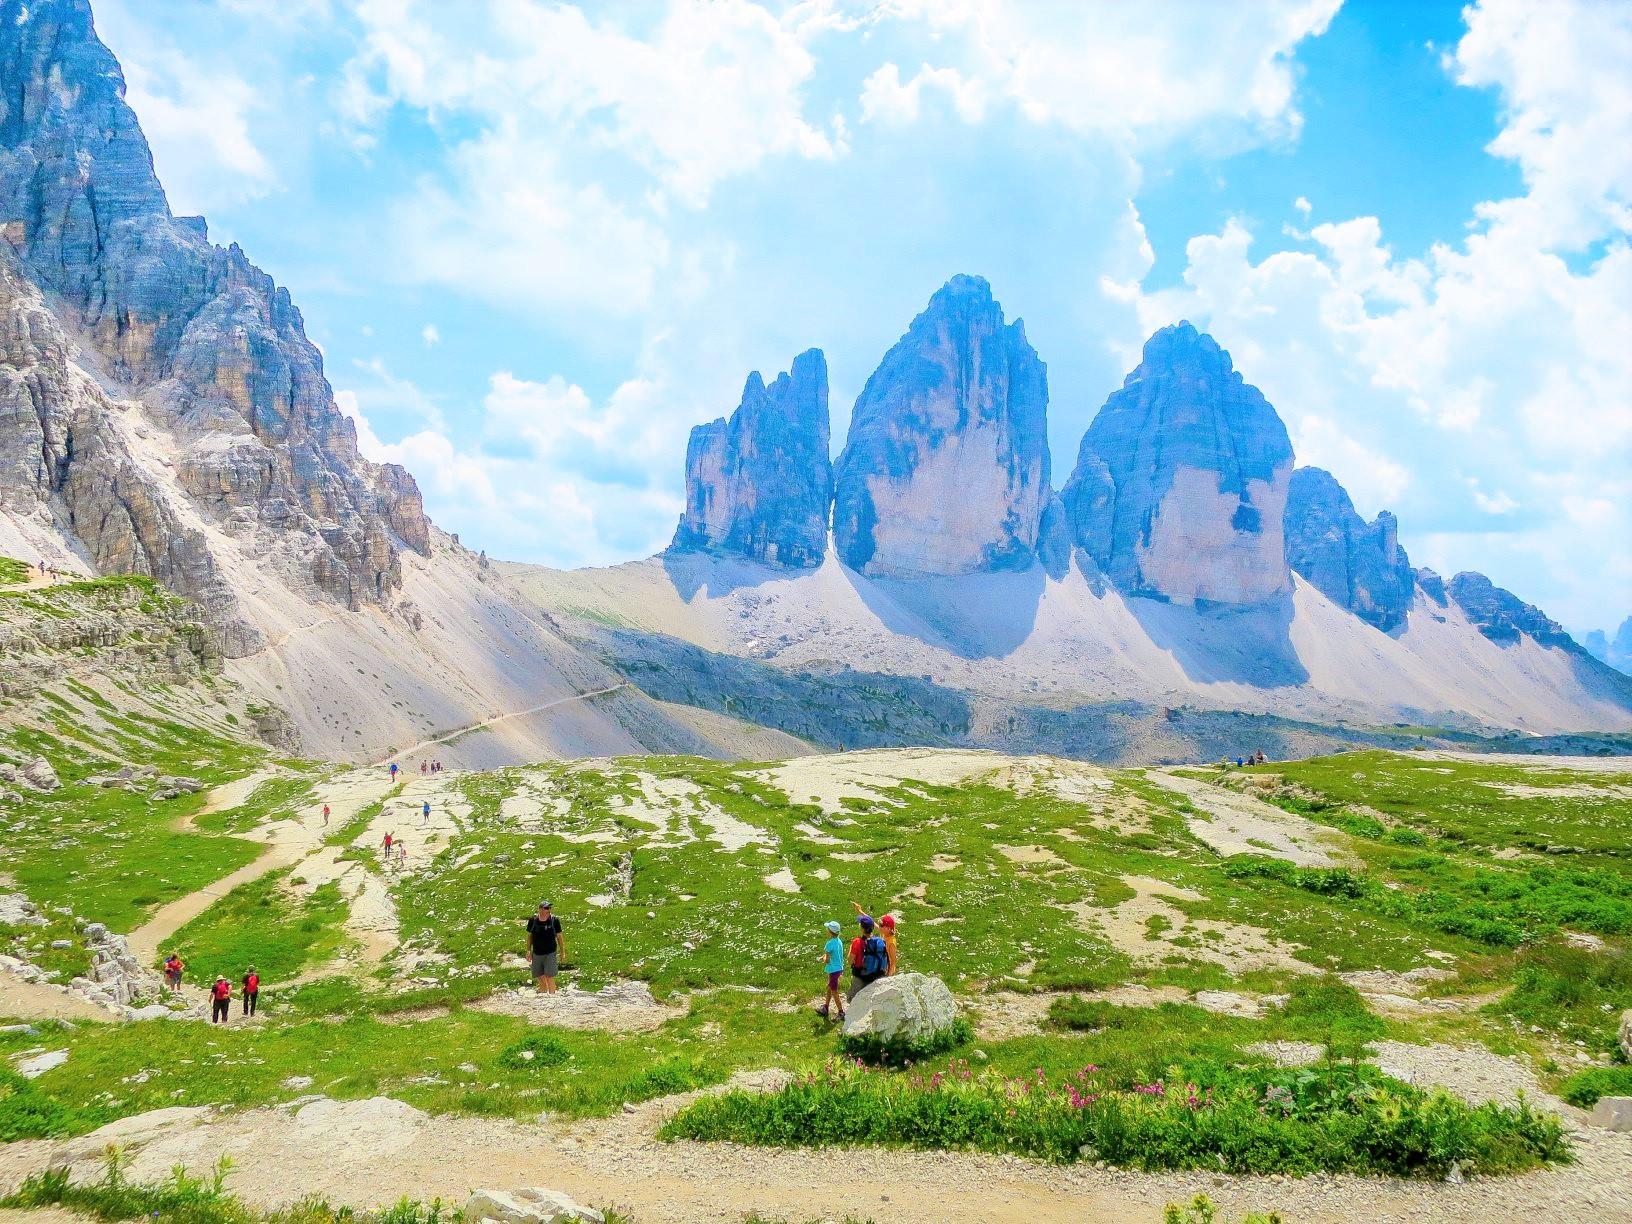 【創業50周年記念特別企画/ベスト・オブ・ジ・アルプスBコース】連泊で楽しむチロル、ドロミテゆったりハイキング 9日間